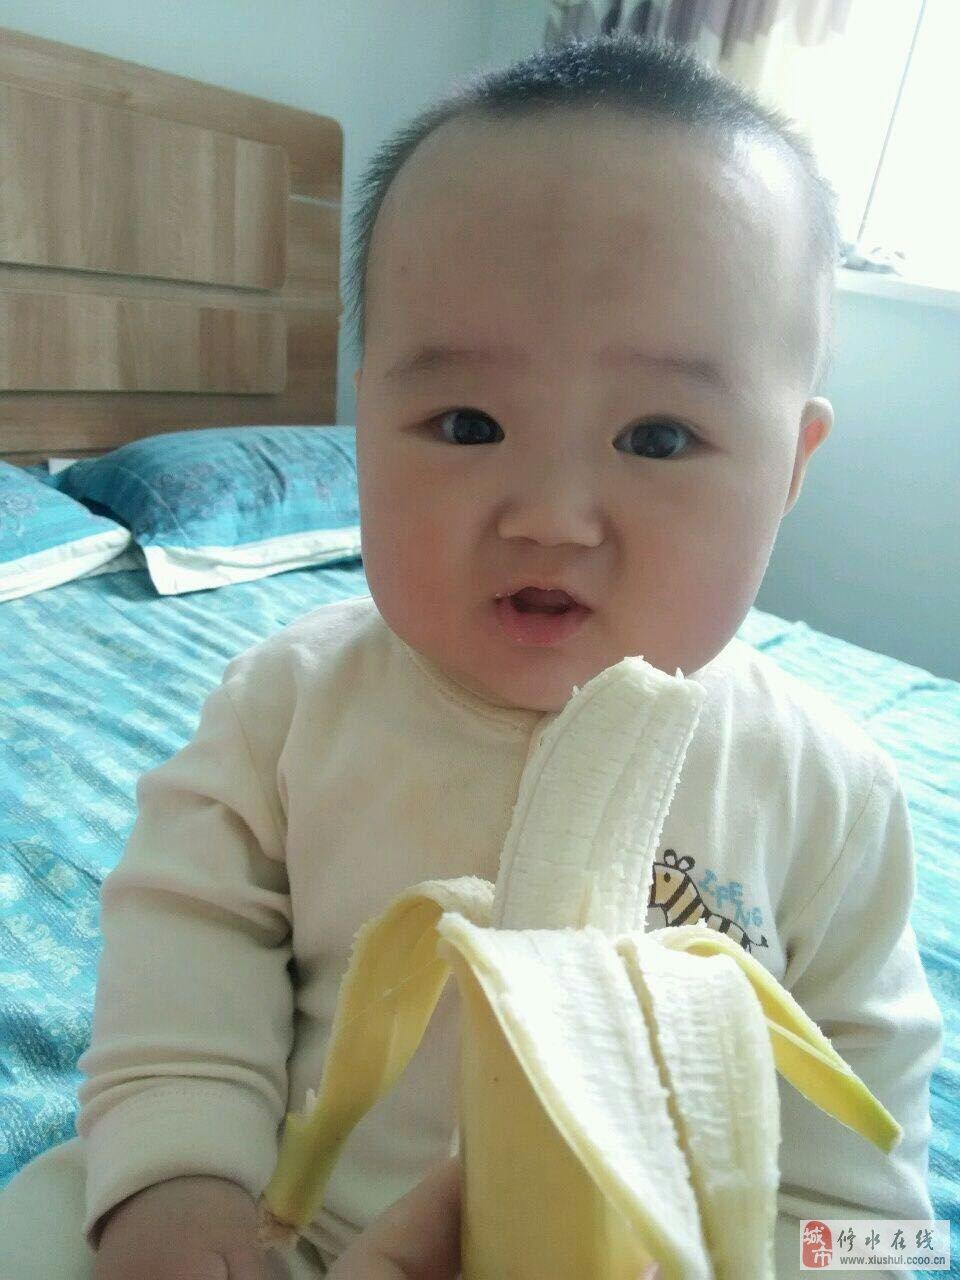 胡浩喆 家长寄语:纪念宝宝不一样的童年 【系统提示】活动采用微信